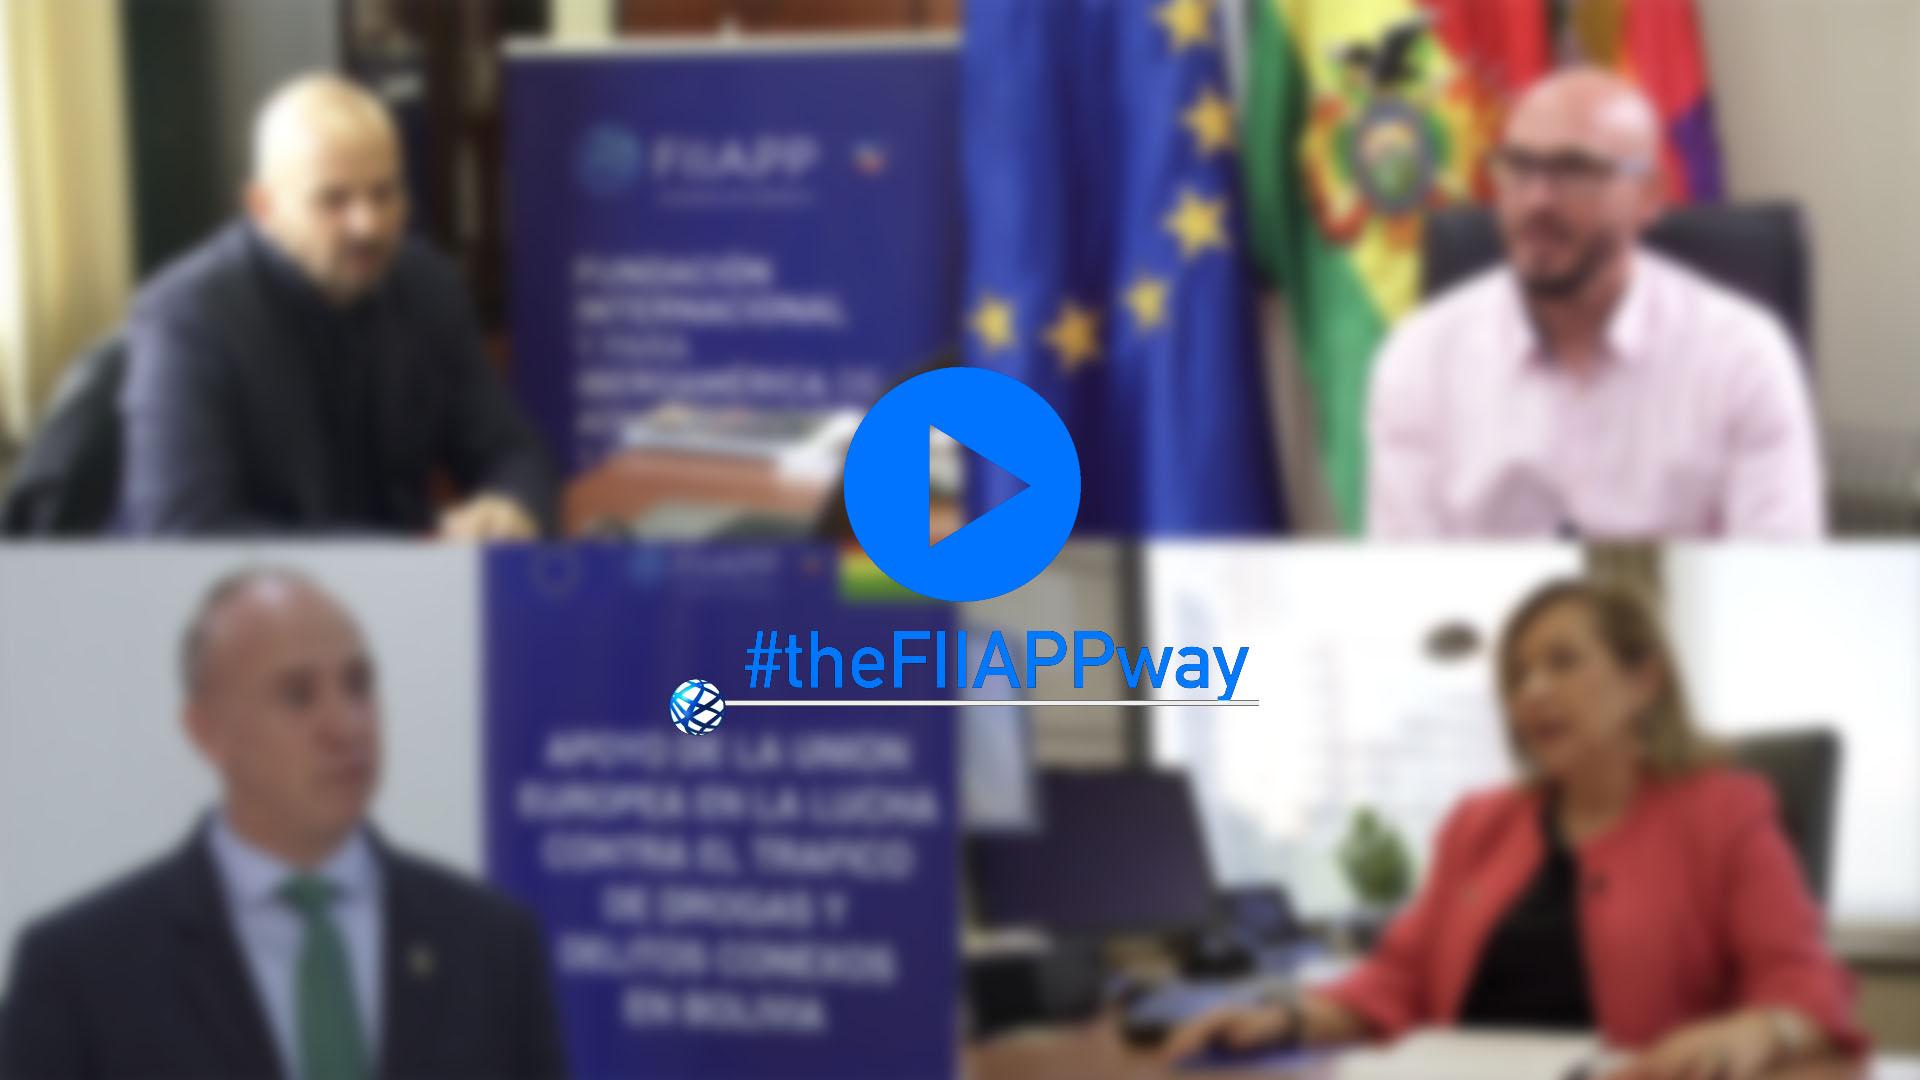 #TheFIIAPPway: Bolivia